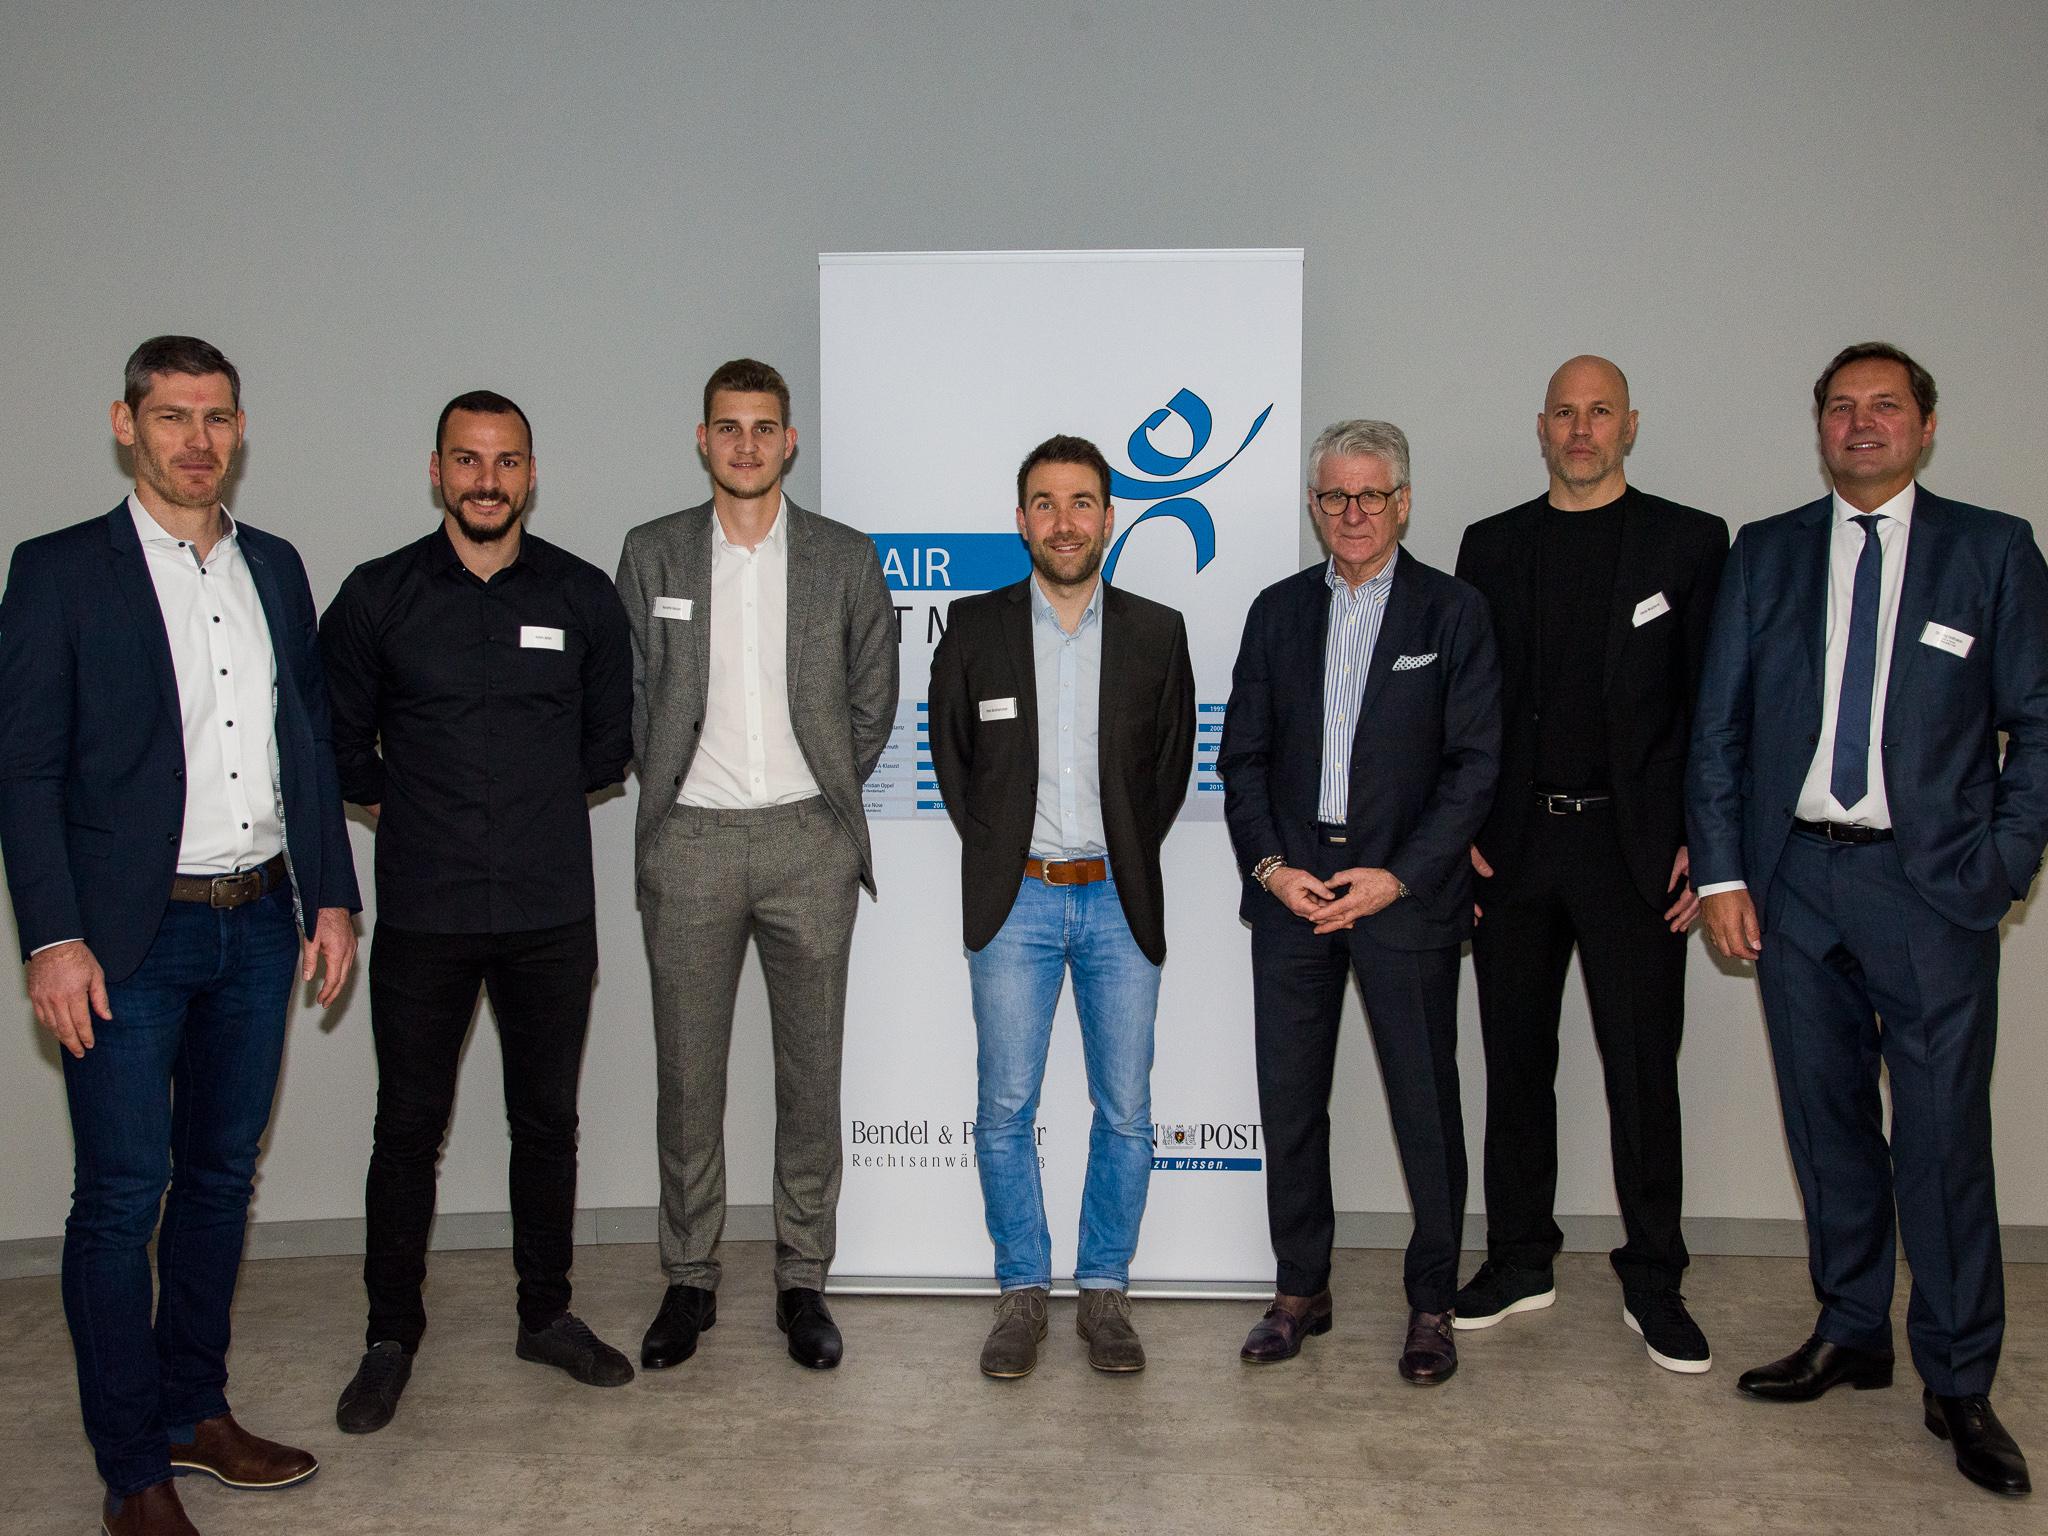 Die Laudatoren Henning Fritz, Adam Jabiri, Hendrik Hansen und Denis Wucherer übergaben die jeweiligen Preise. Foto: Pascal Höfig